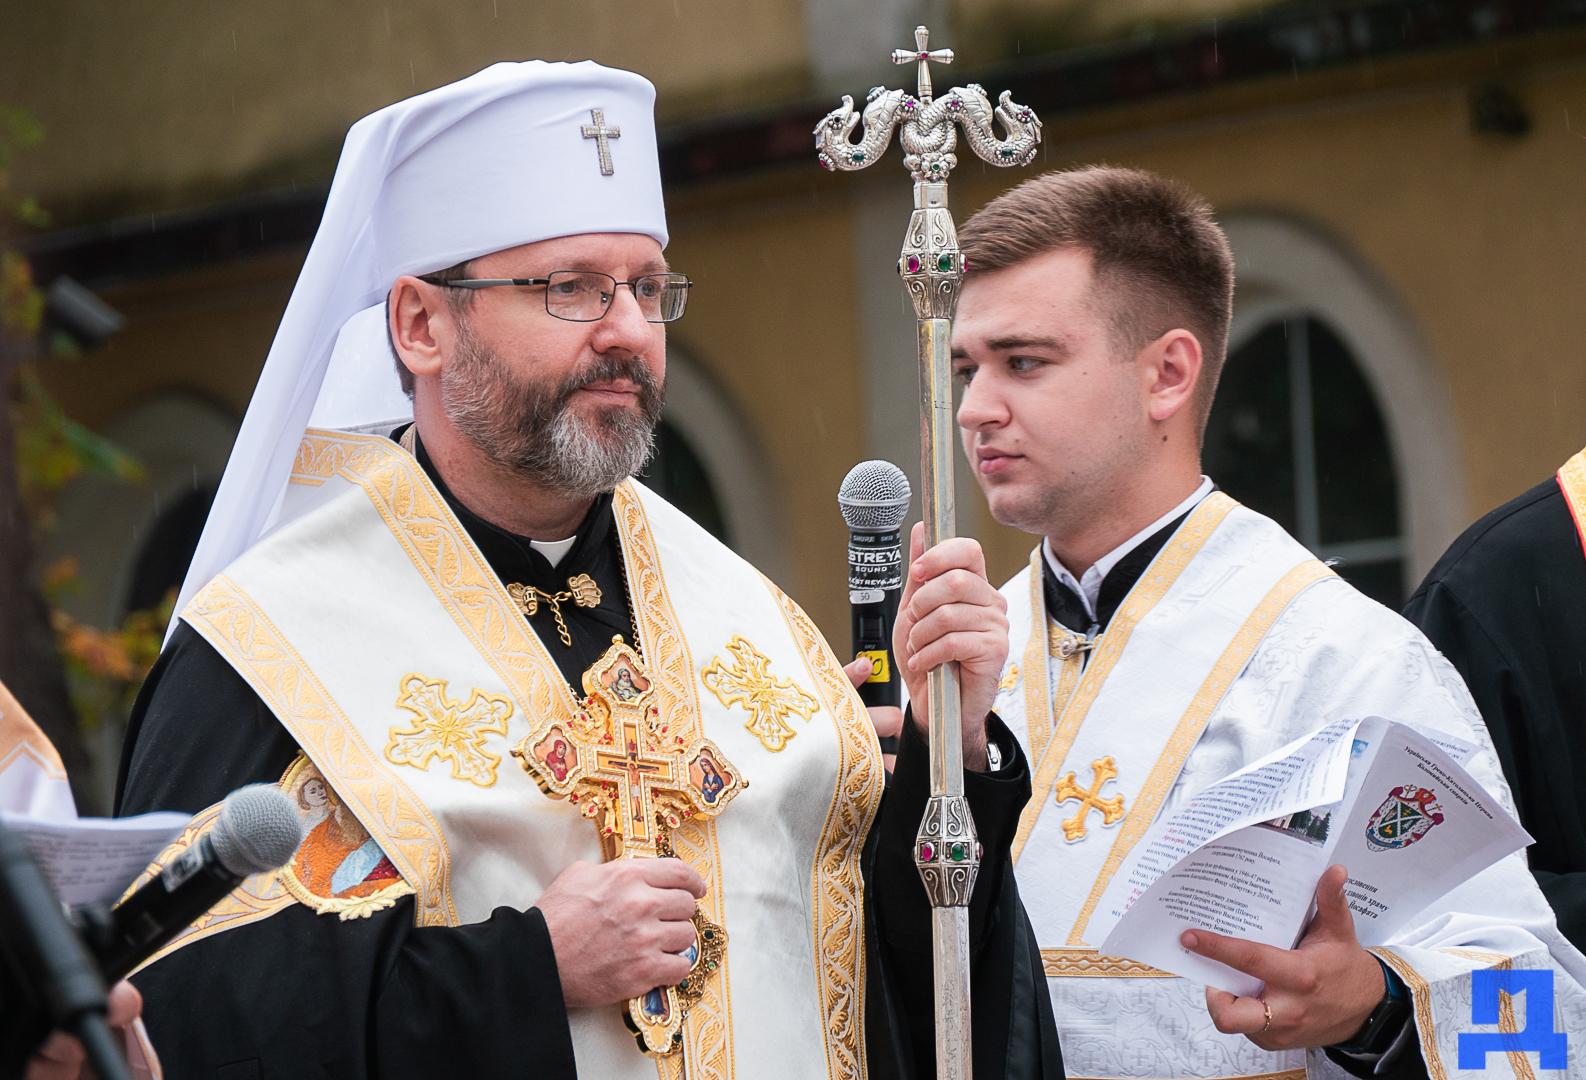 Глава УГКЦ Блаженніший Святослав освятив у Коломиї унікальну дзвіницю 6